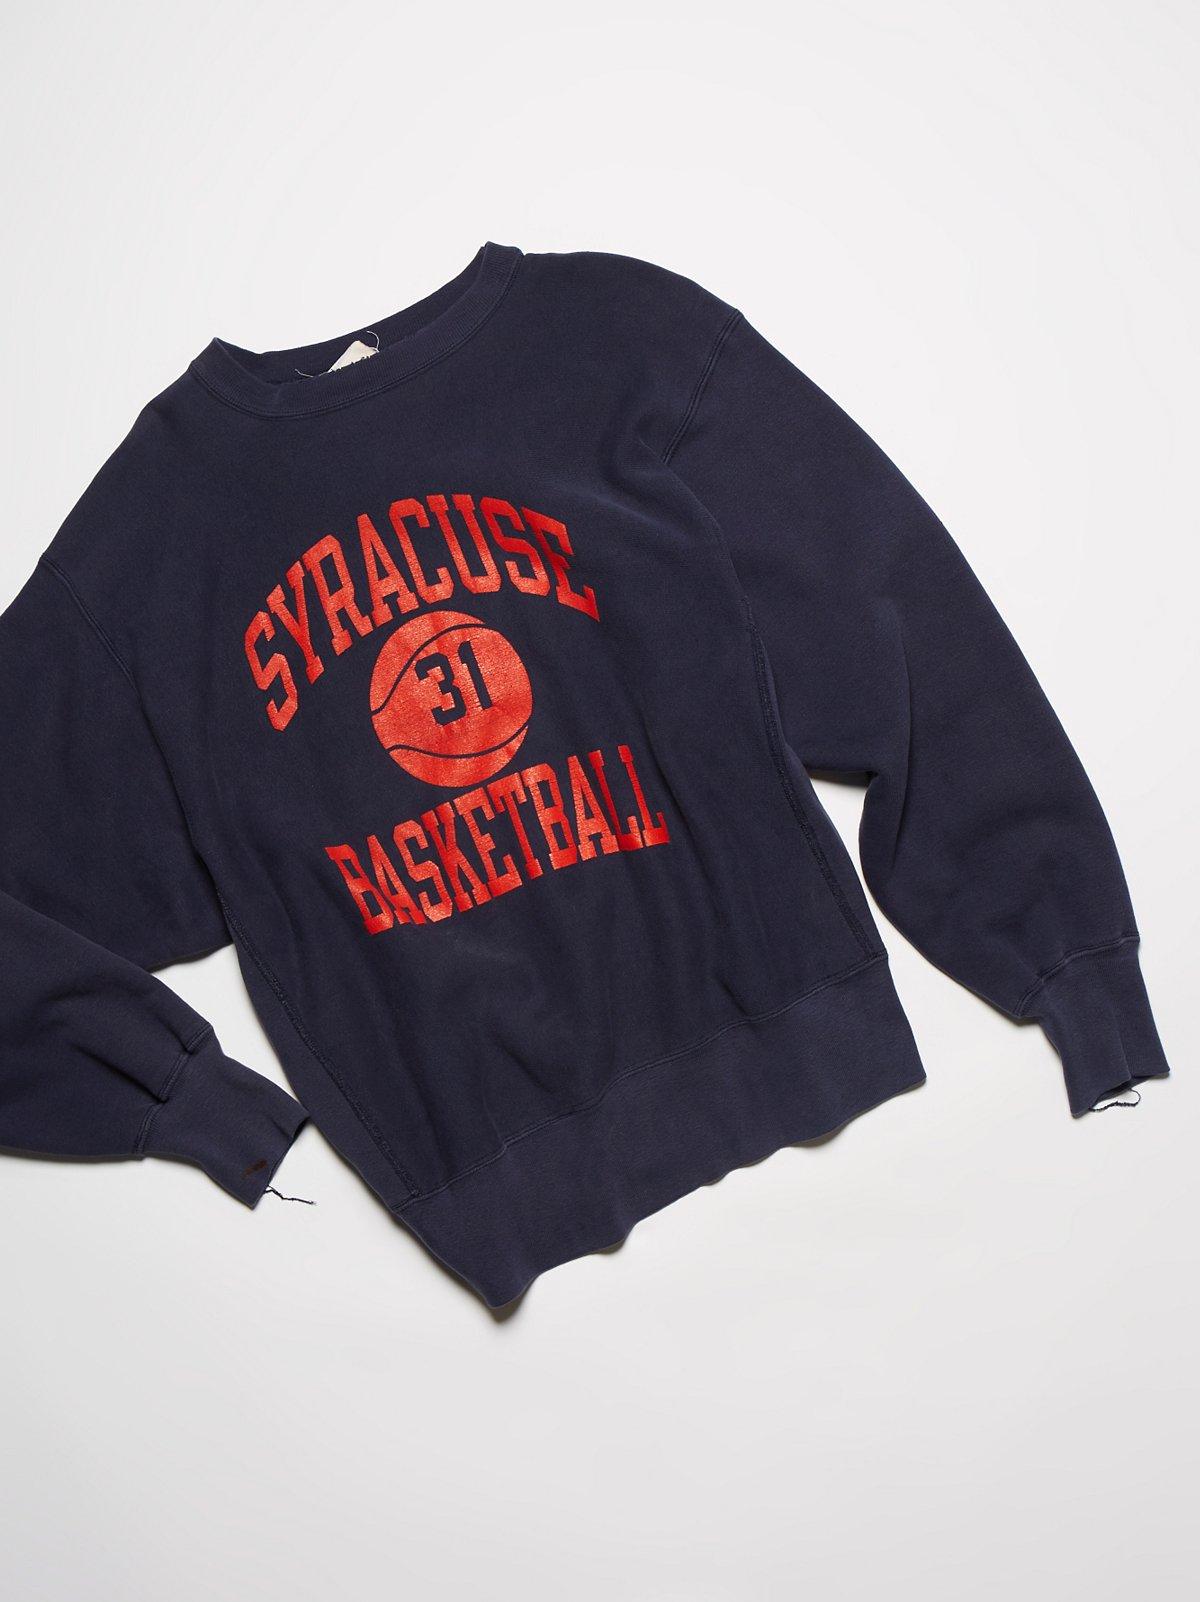 Vintage Champion Syracuse Sweatshirt